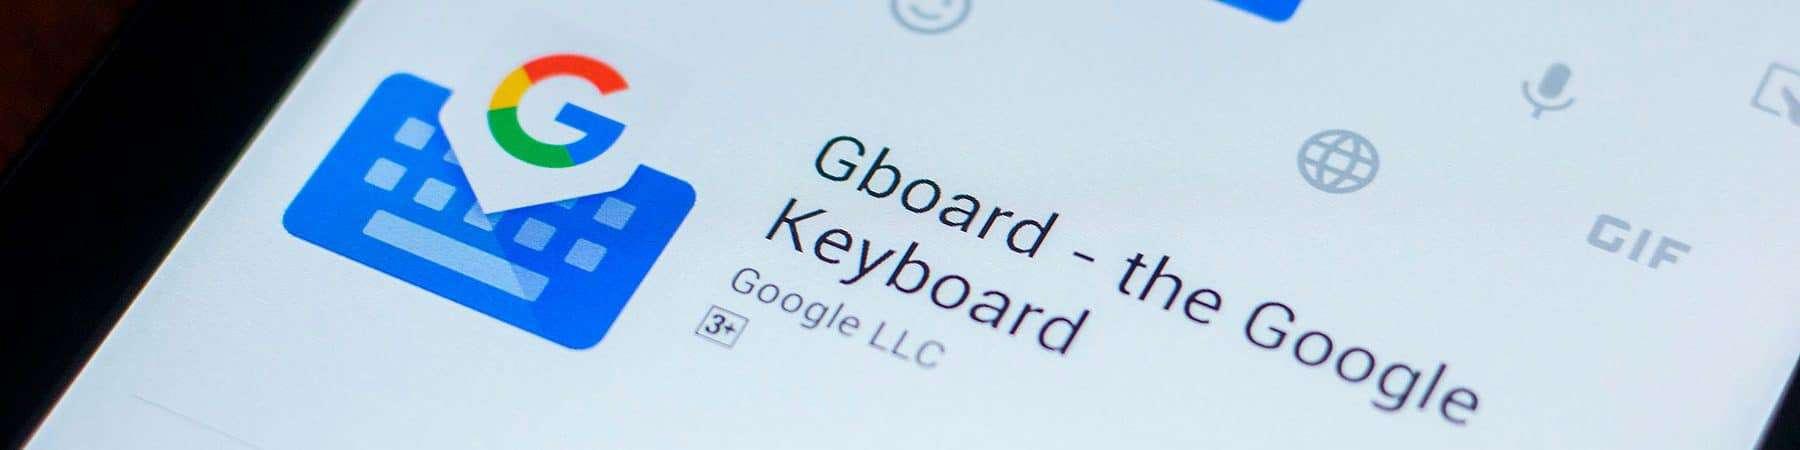 Samsung Galaxy S21 Ultra recebe atualização com teclado do Android 12. Imagem: Sharaf Maksumov/Shutterstock